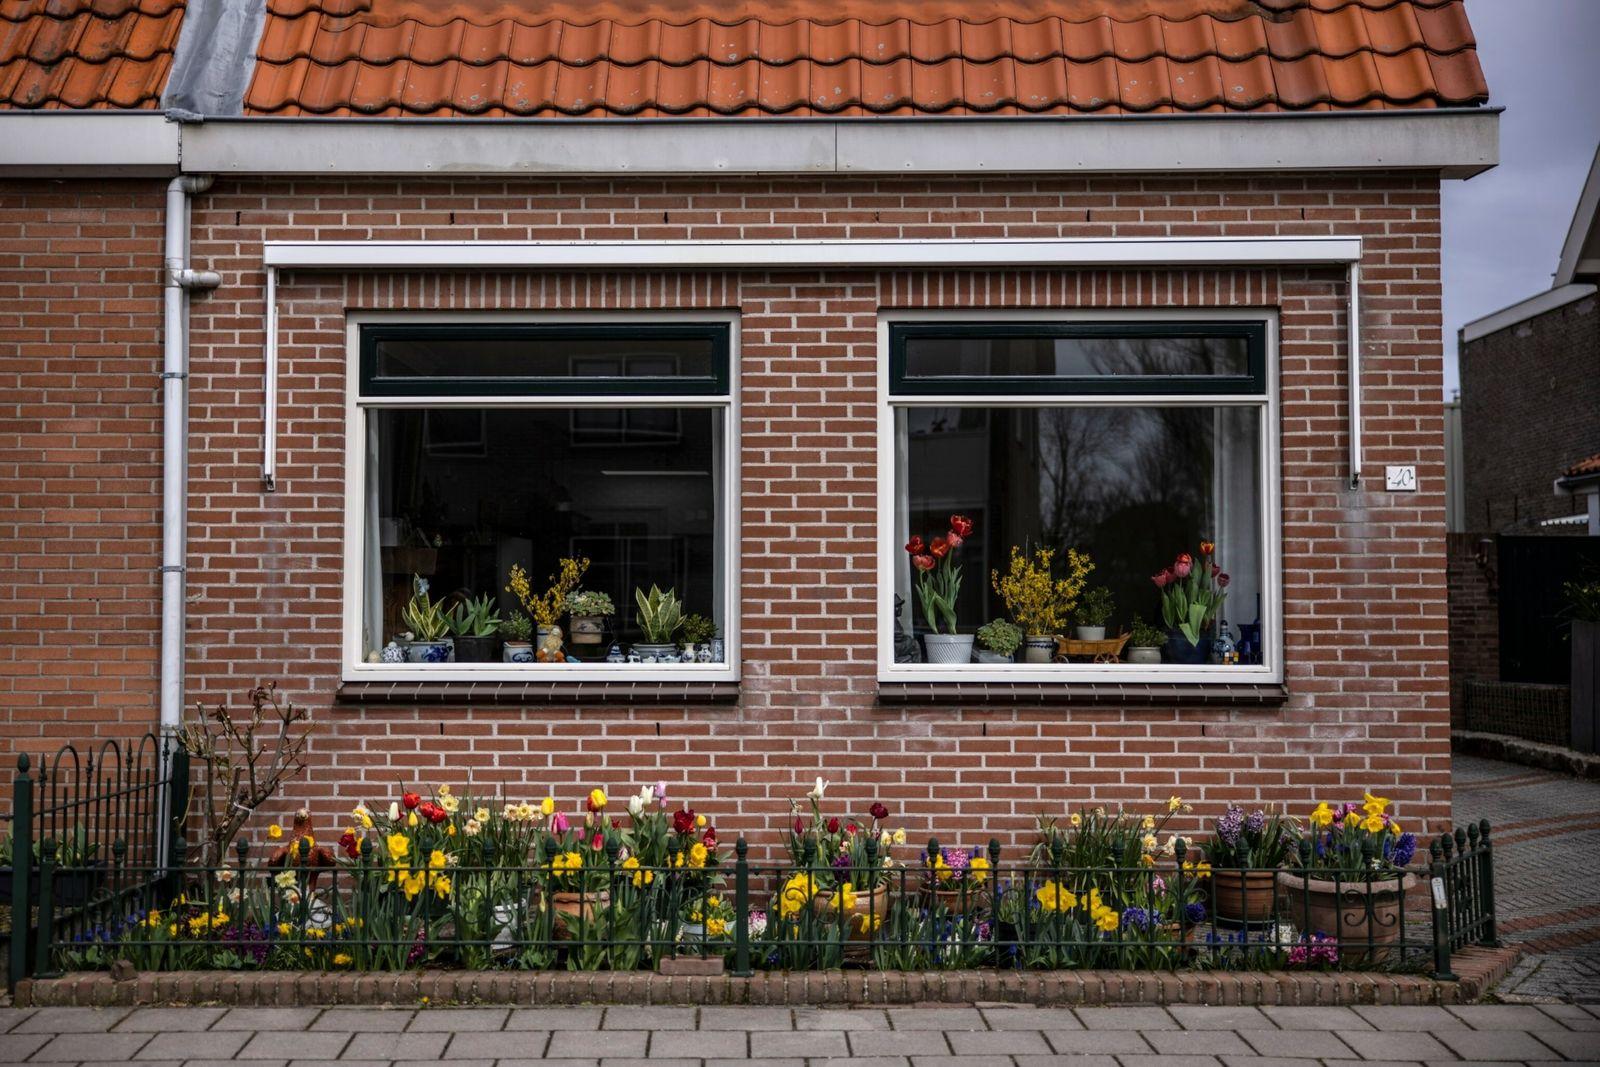 Tulipas e narcisos florescem no jardim de uma casa em Noordwijkerhout, na Holanda.